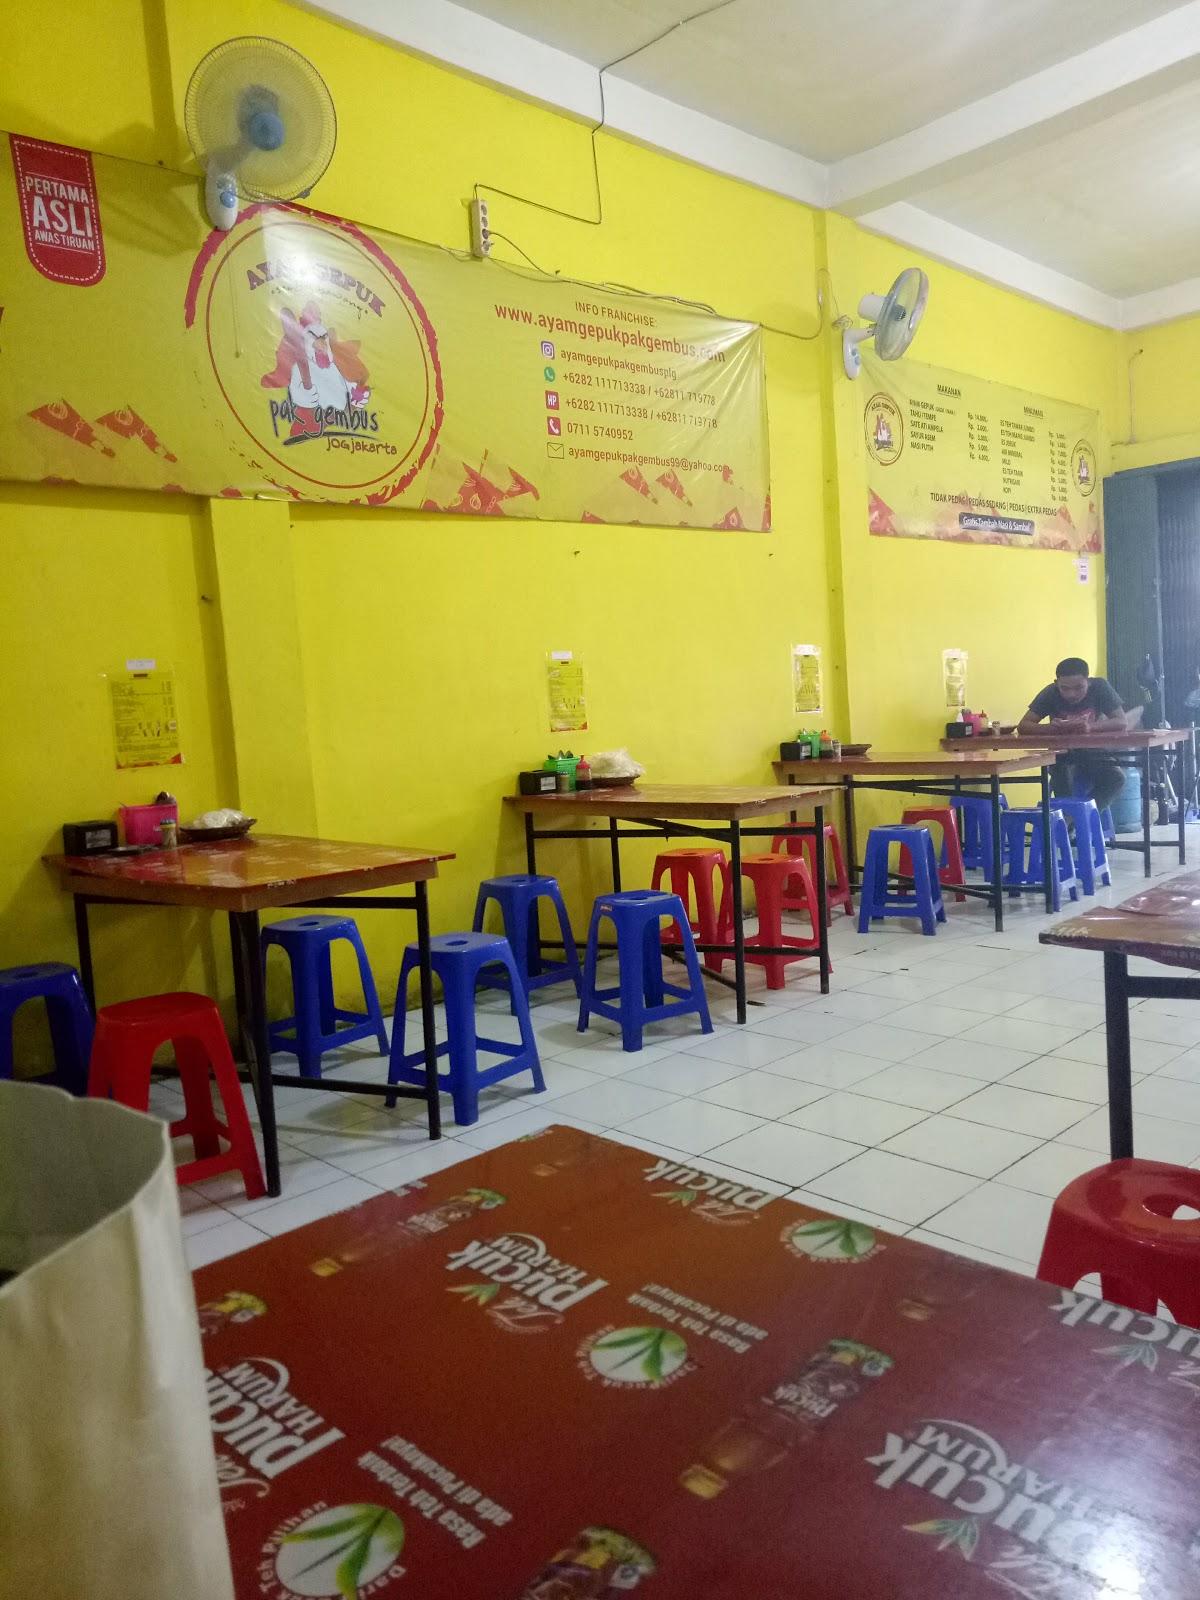 Franchise Ayam Gepuk Pak Gembus : franchise, gepuk, gembus, Franchise, Gepuk, Gembus, Celentang:, Waralaba